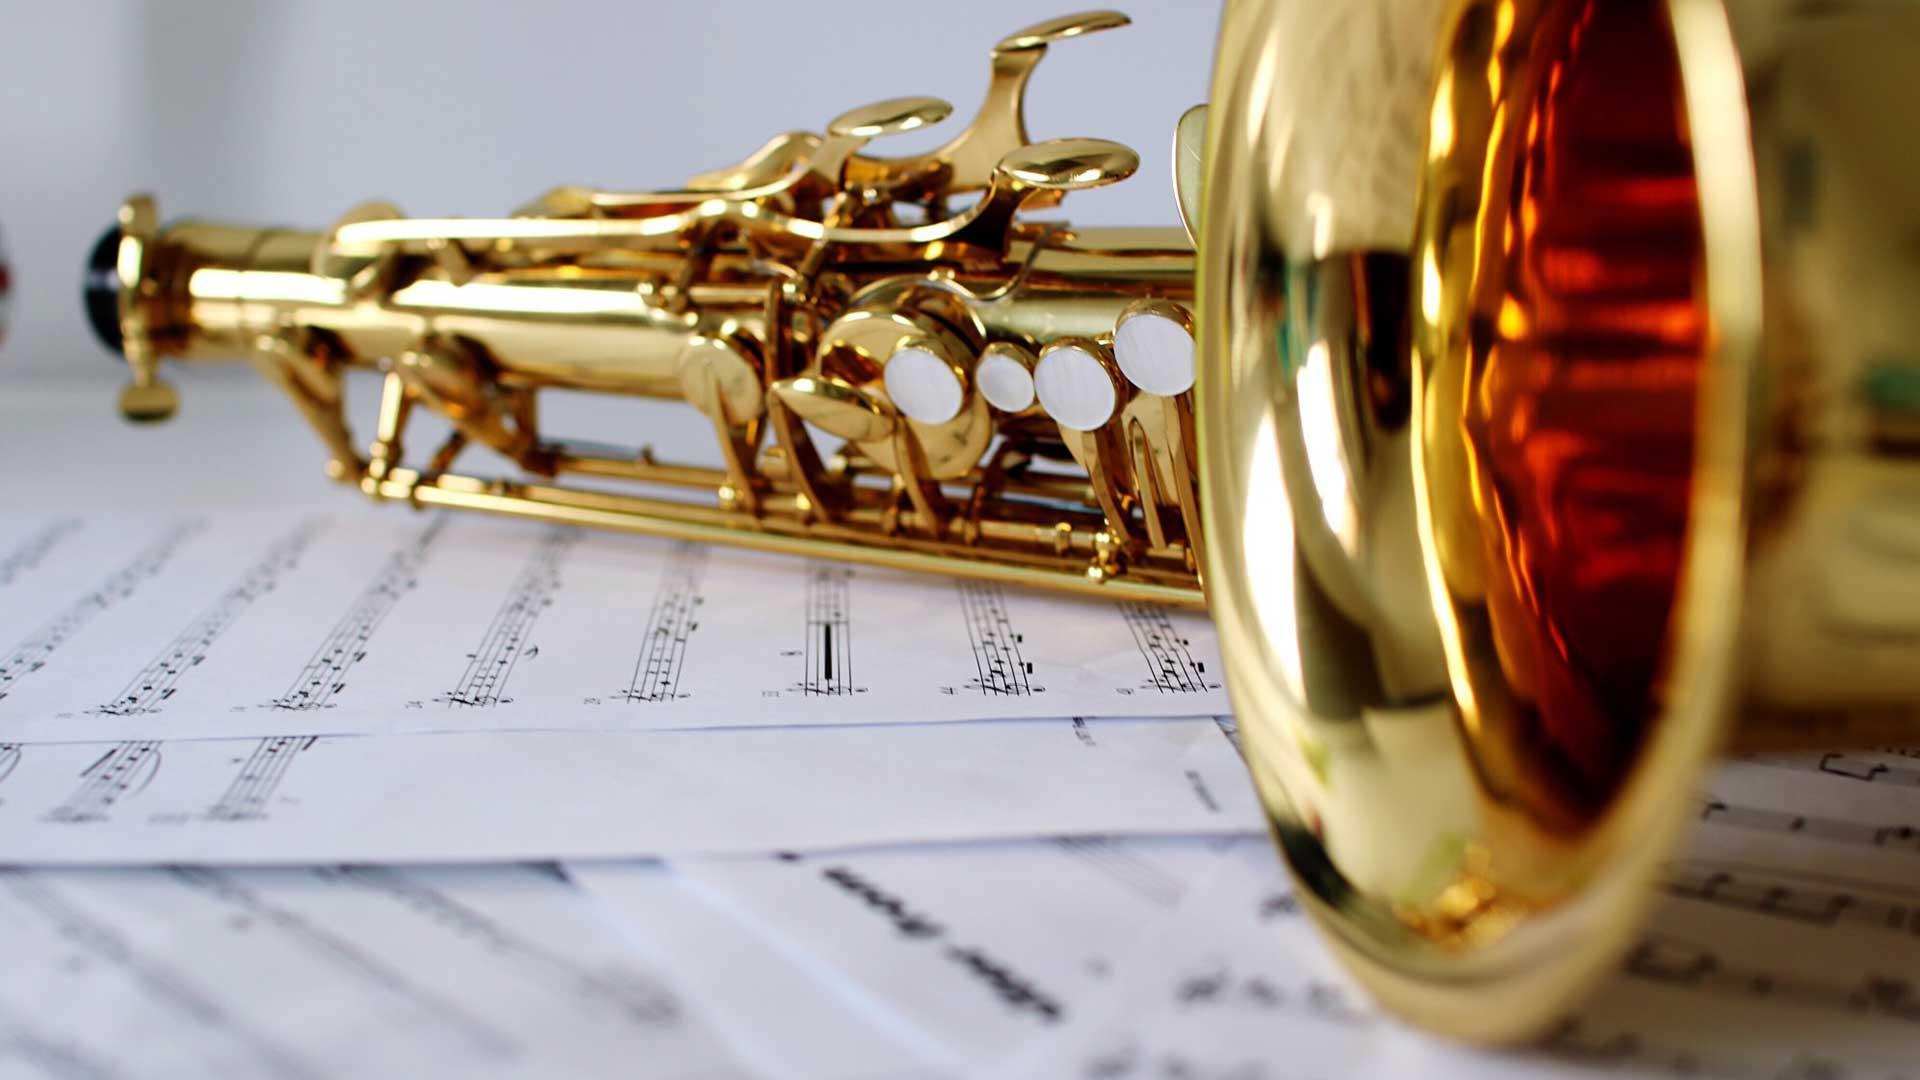 Saxophon und Notenblätter